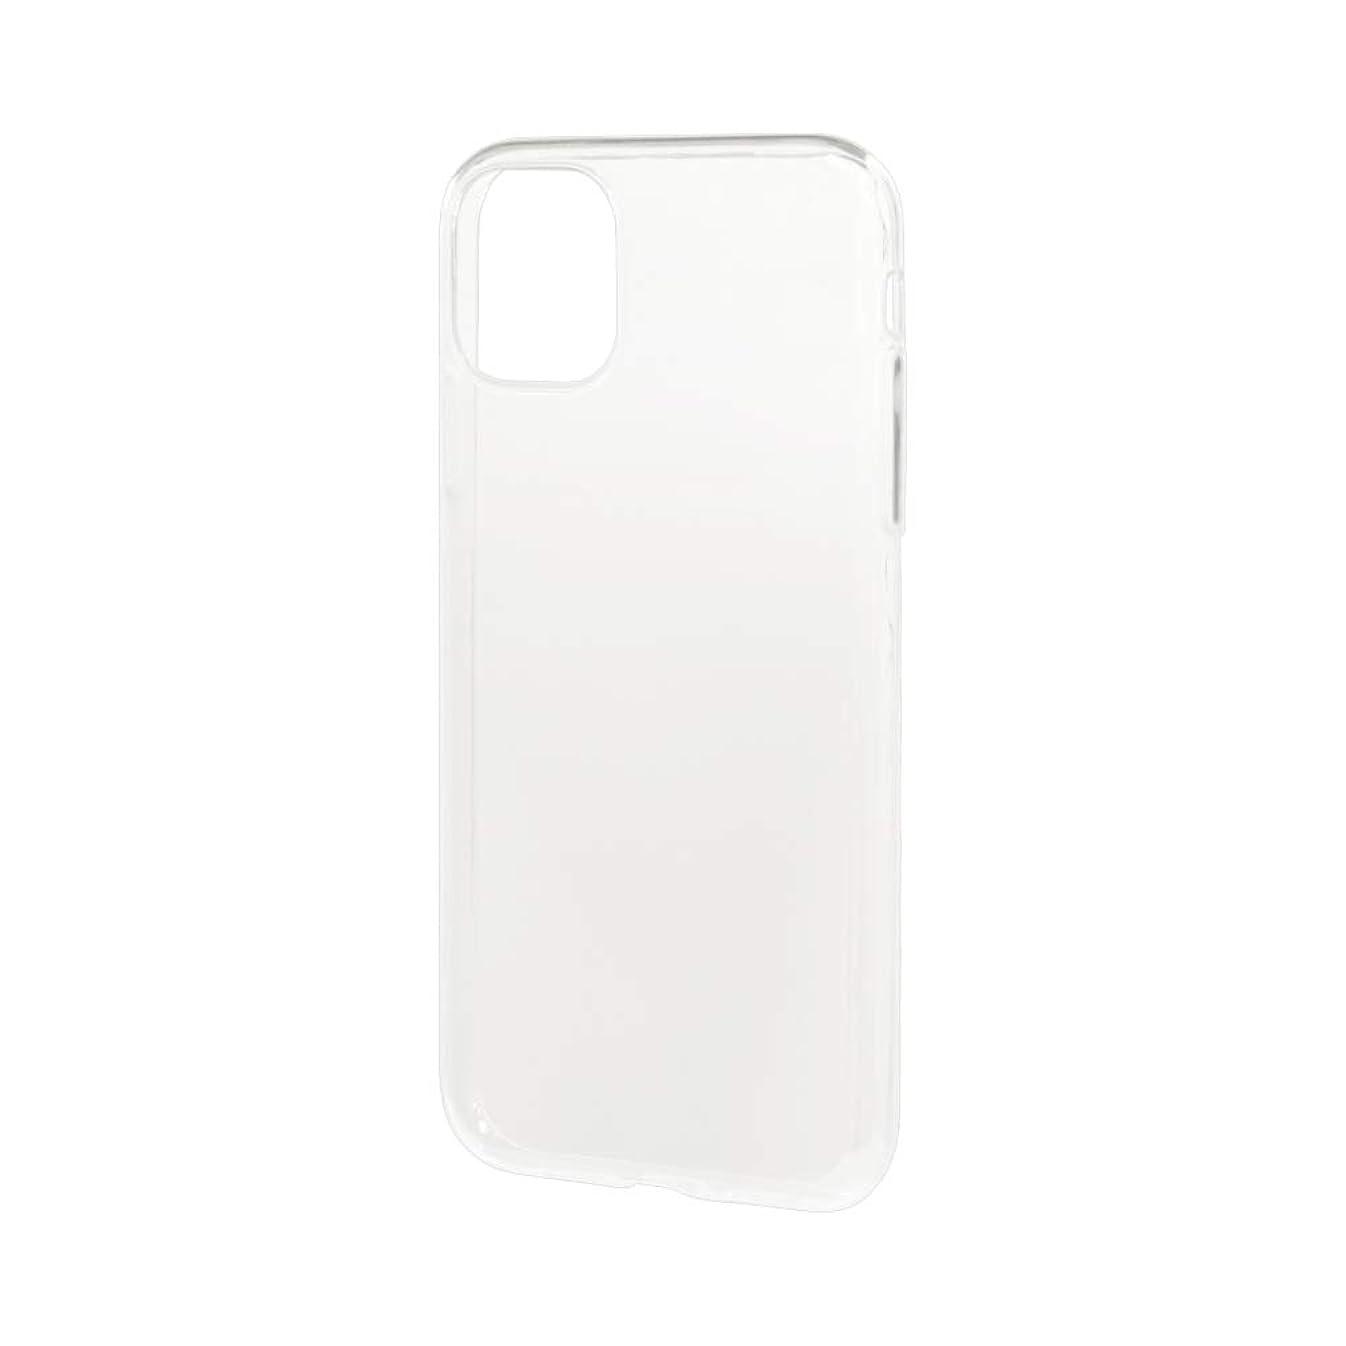 ジャングルベックス一ラスタバナナ iPhone11 Pro ケース カバー ソフト 薄型TPU 0.8mm クリア アイフォン マホケース 4988IP958TP